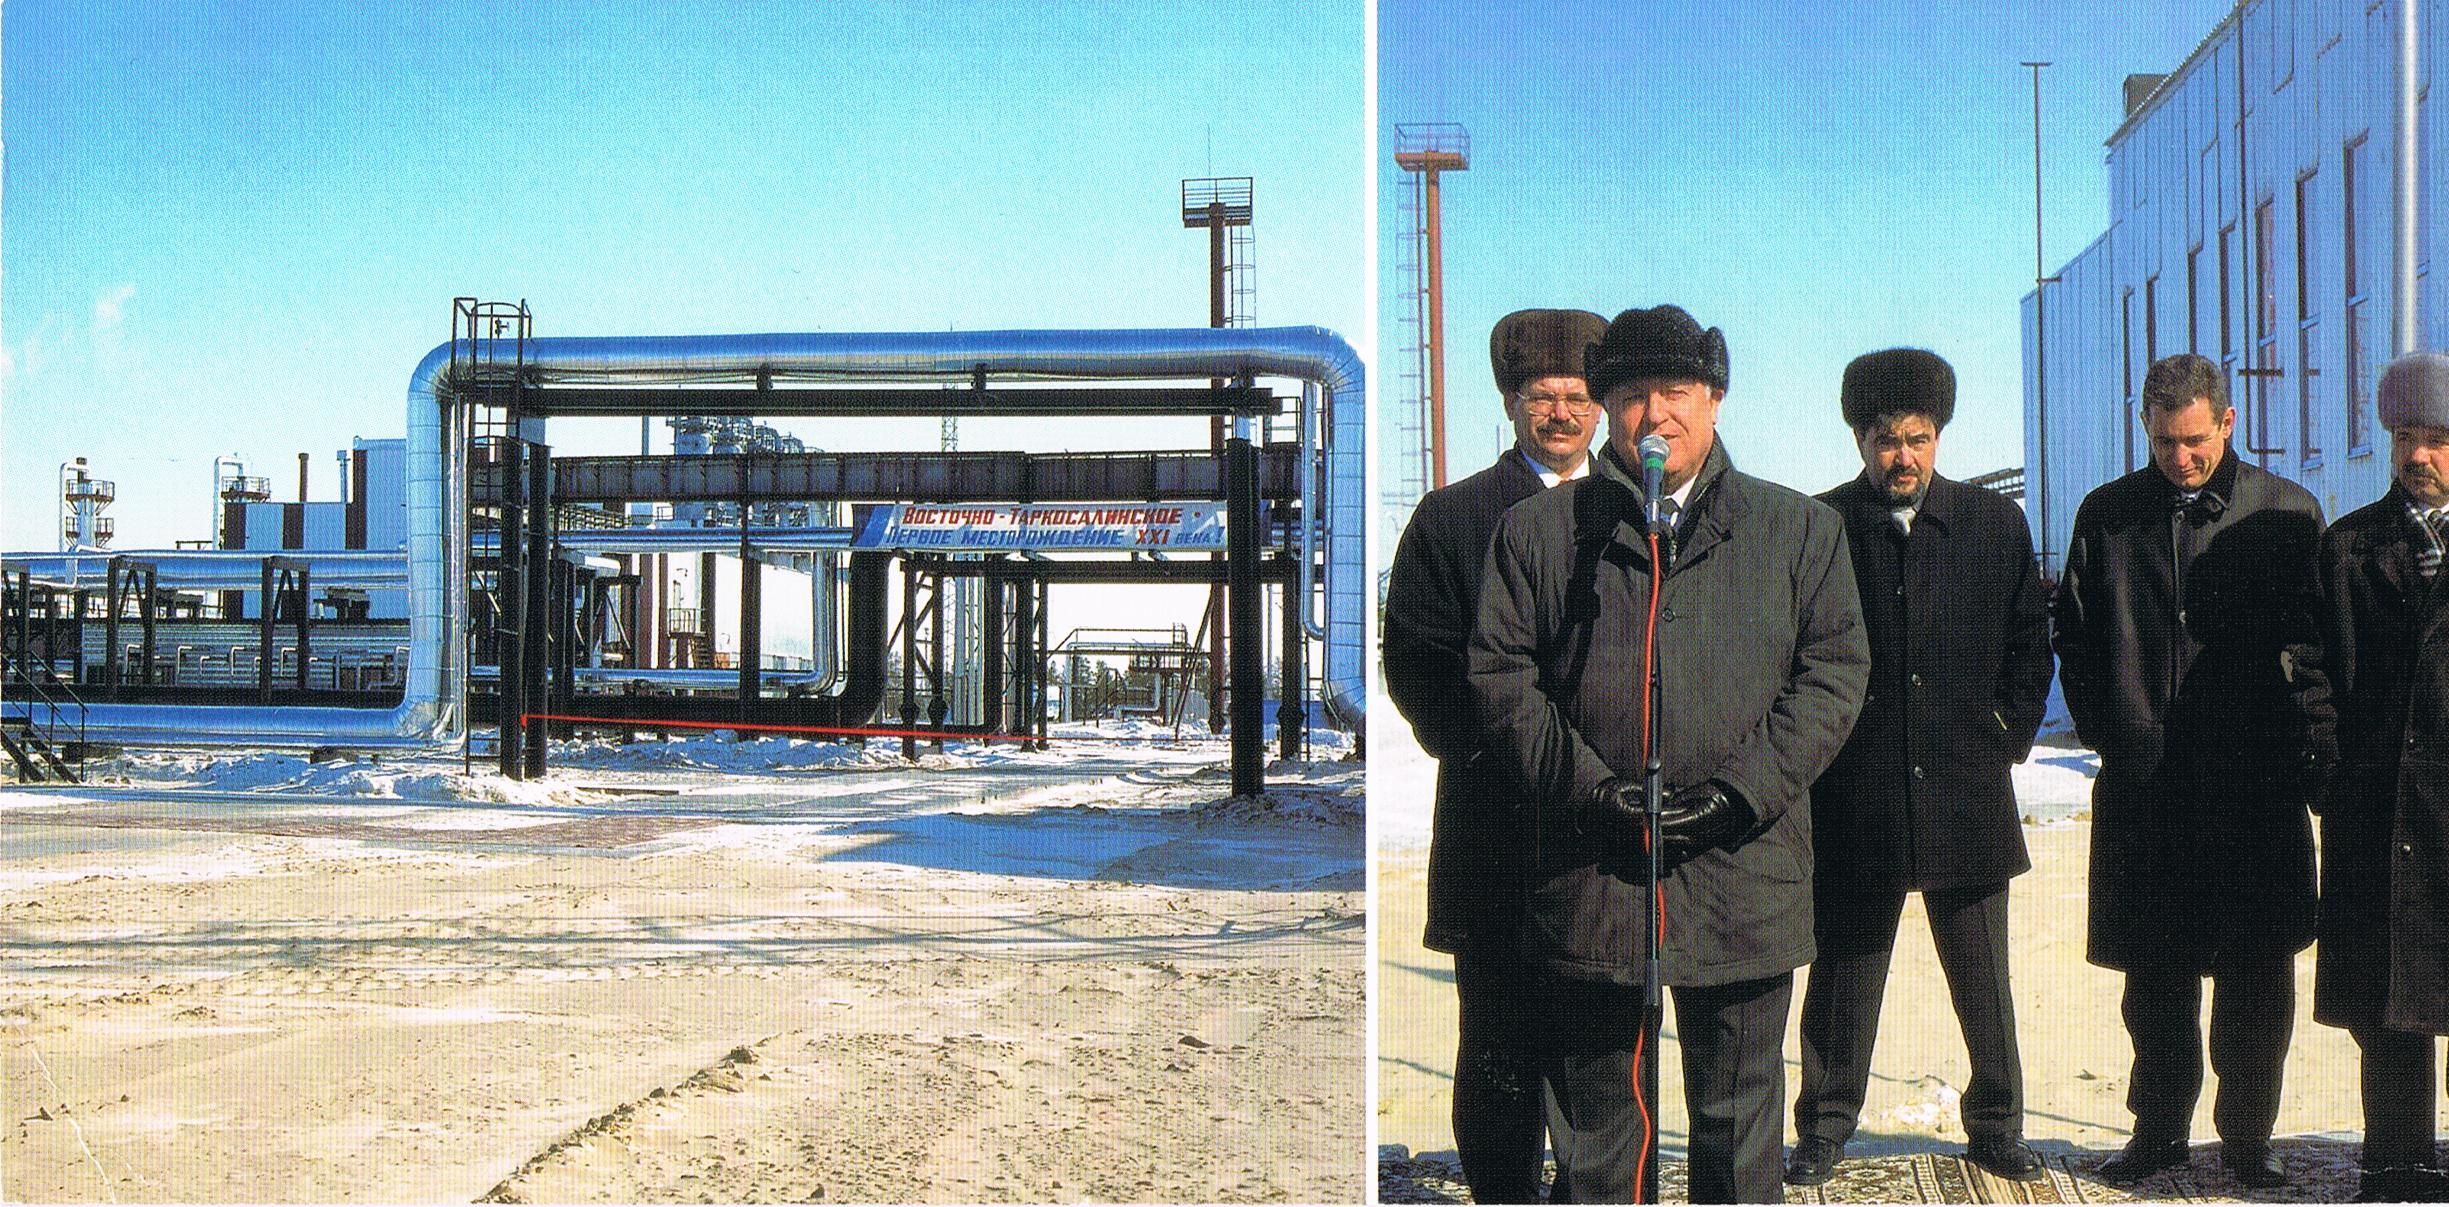 Ölförderanlage in Sibirien